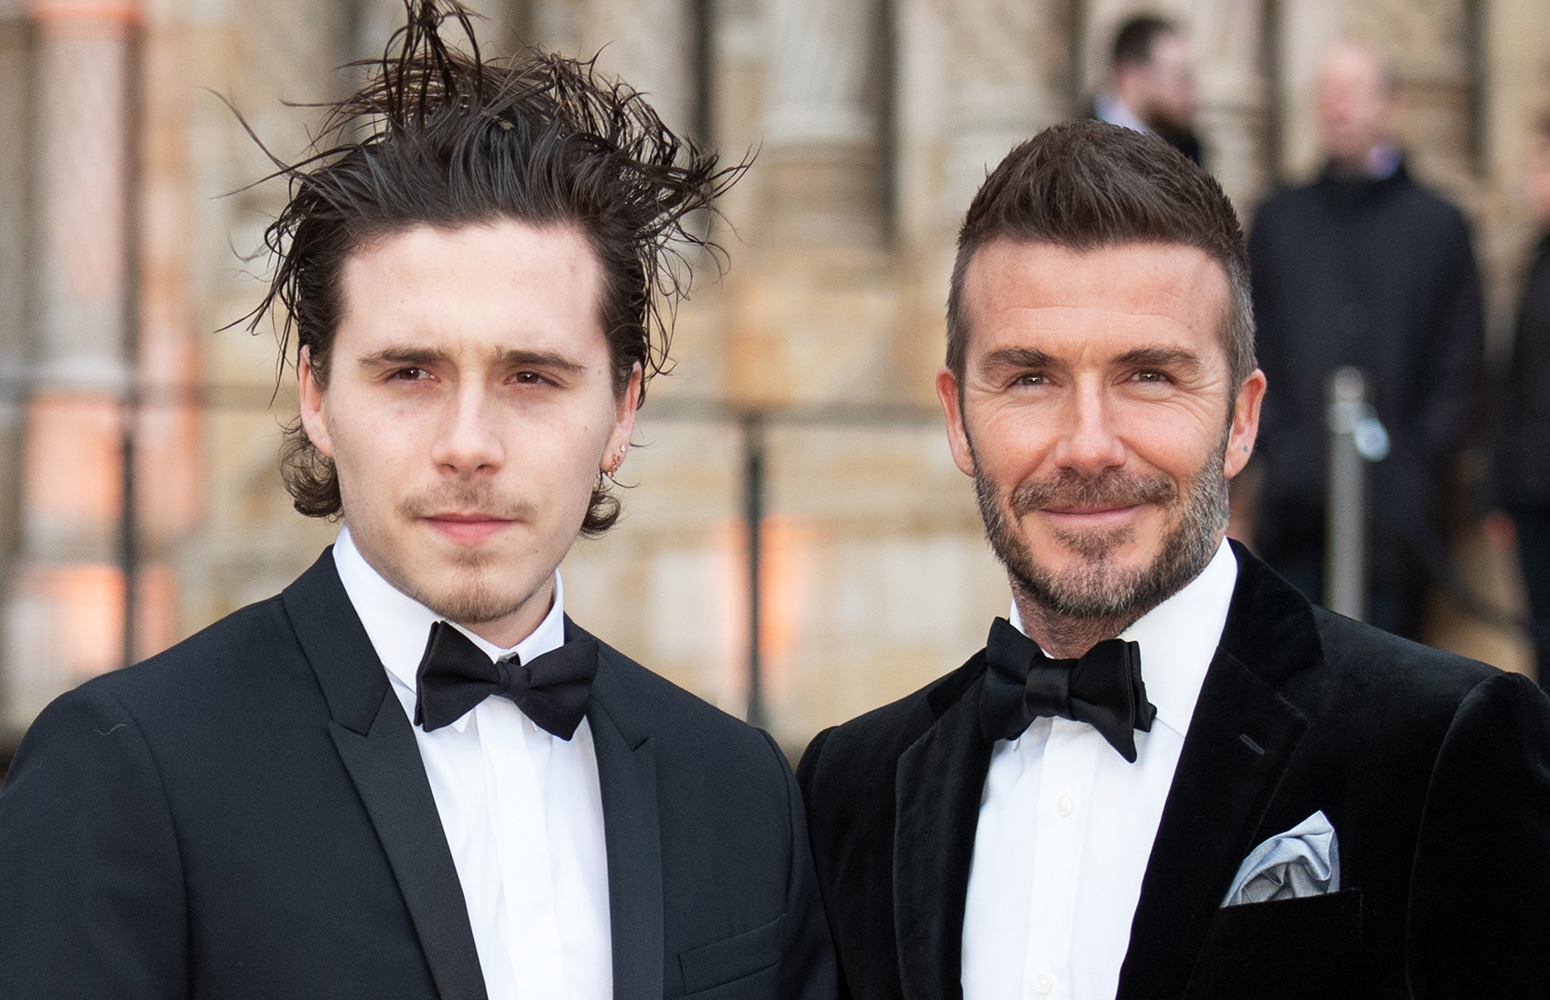 Beckham's son confirms engagement to actress Peltz